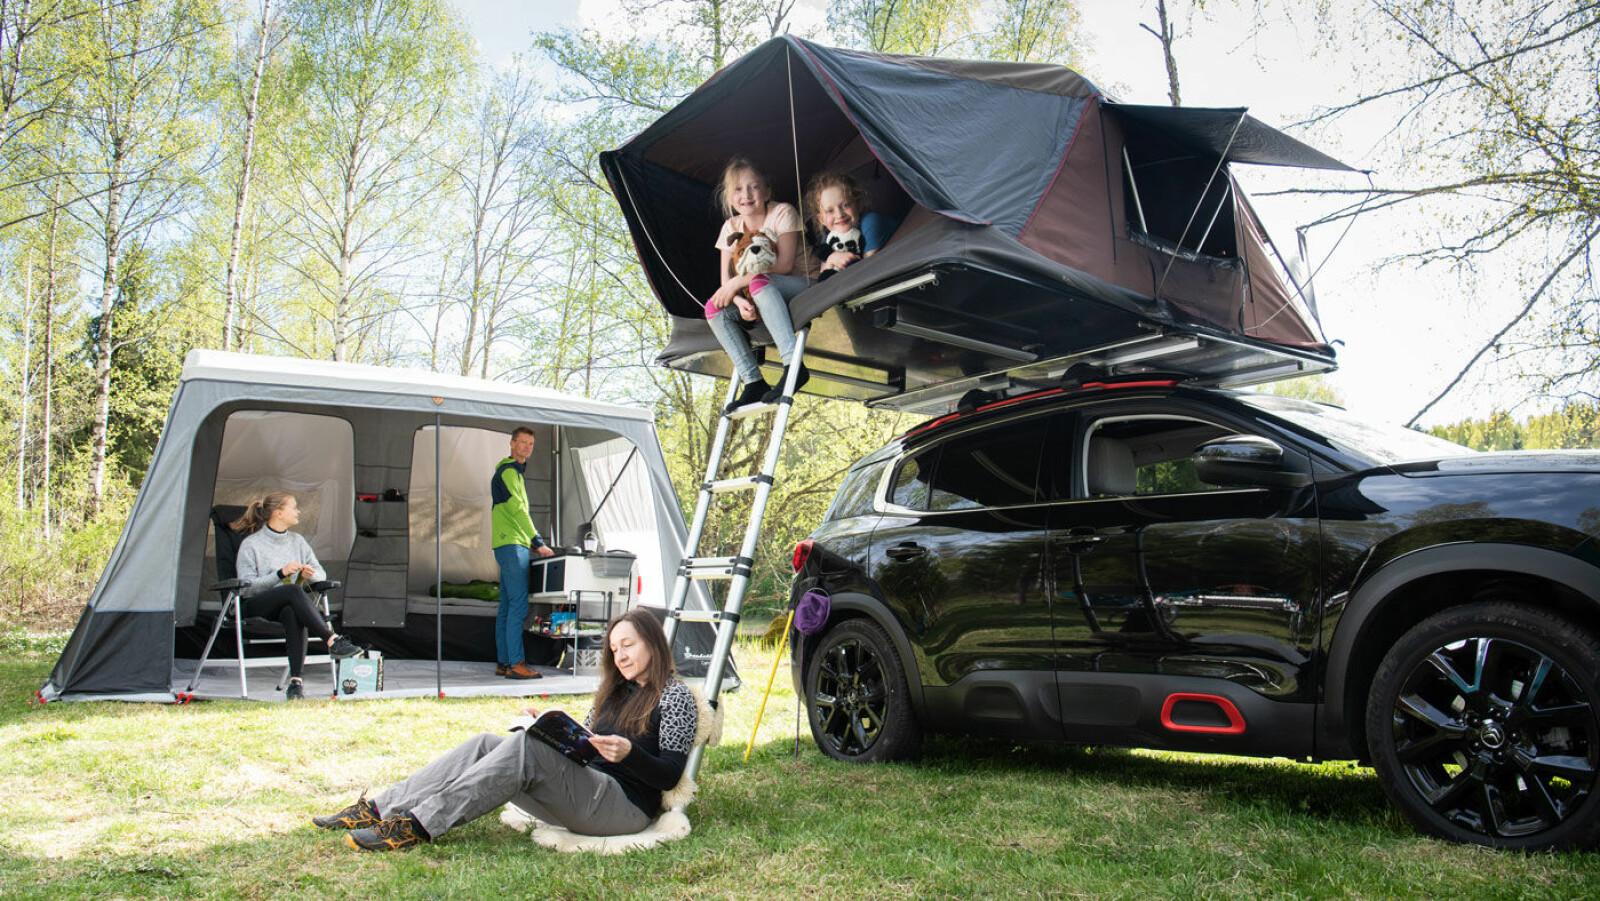 UT PÅ TUR, ALDRI SUR: Det er mange smarte, enkle campingløsninger å velge blant for bilturister, men uansett hva du velger er det viktig med godt humør!